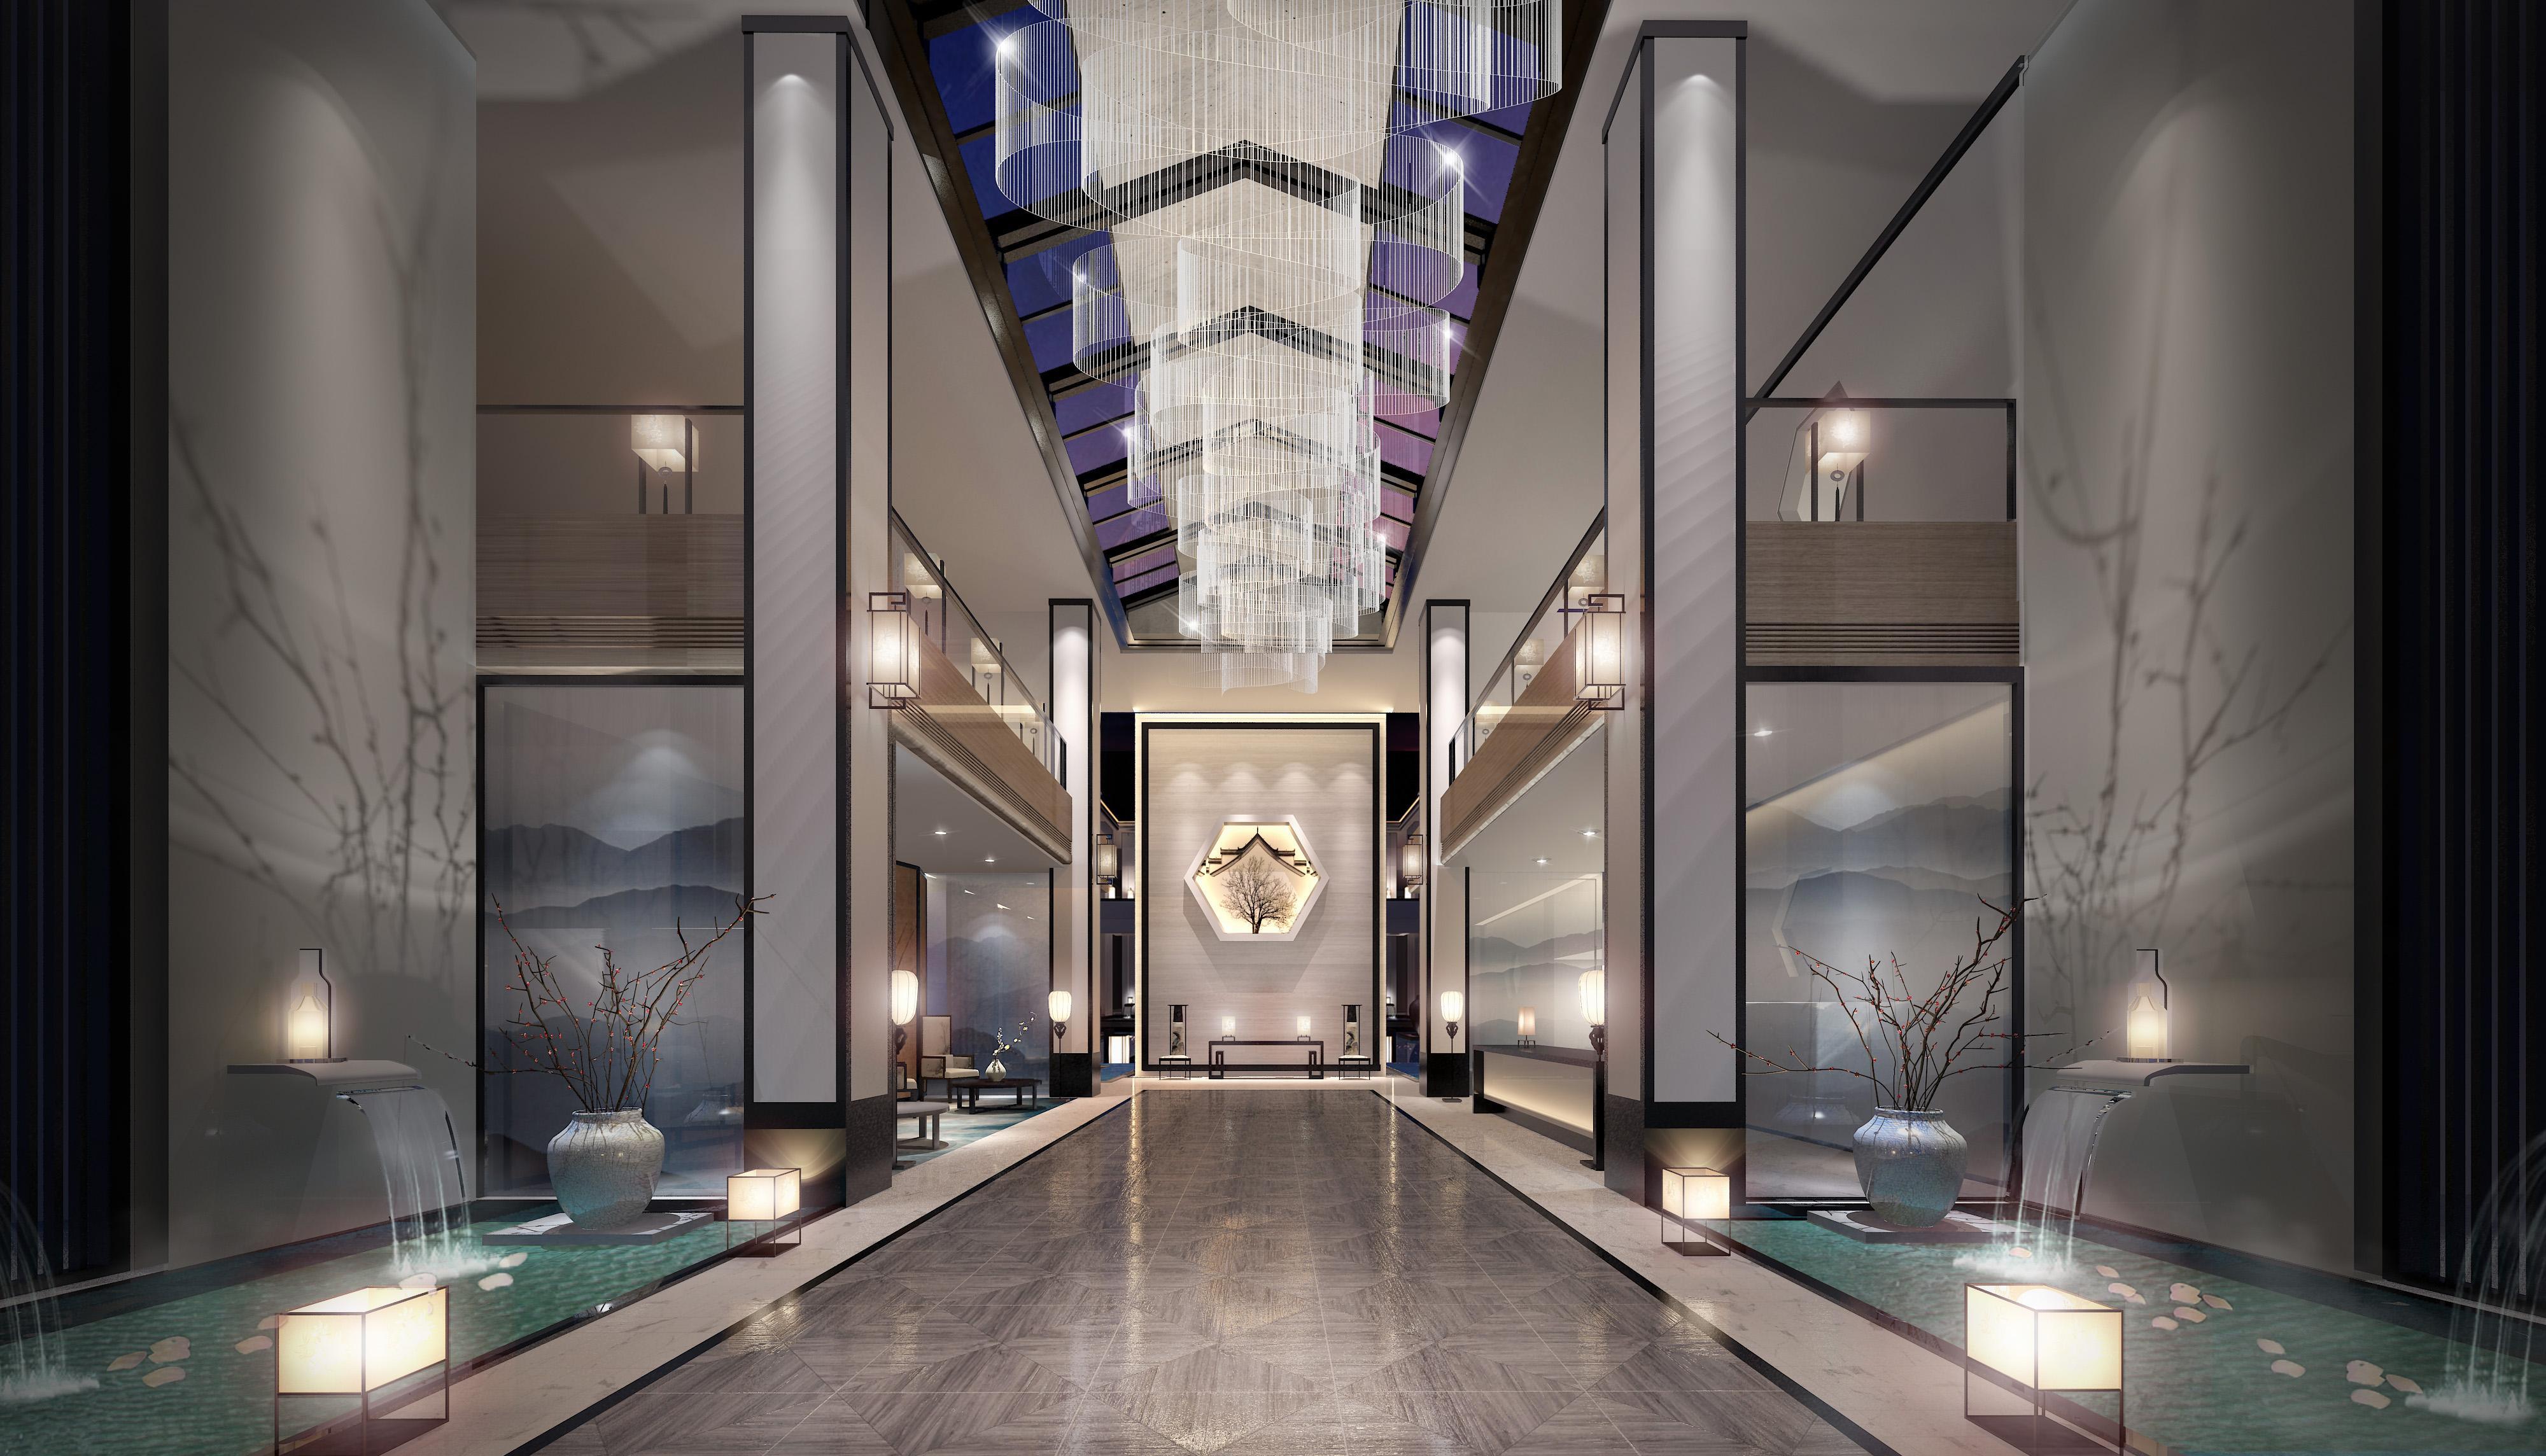 2020年什么酒店装修风格比较热门?